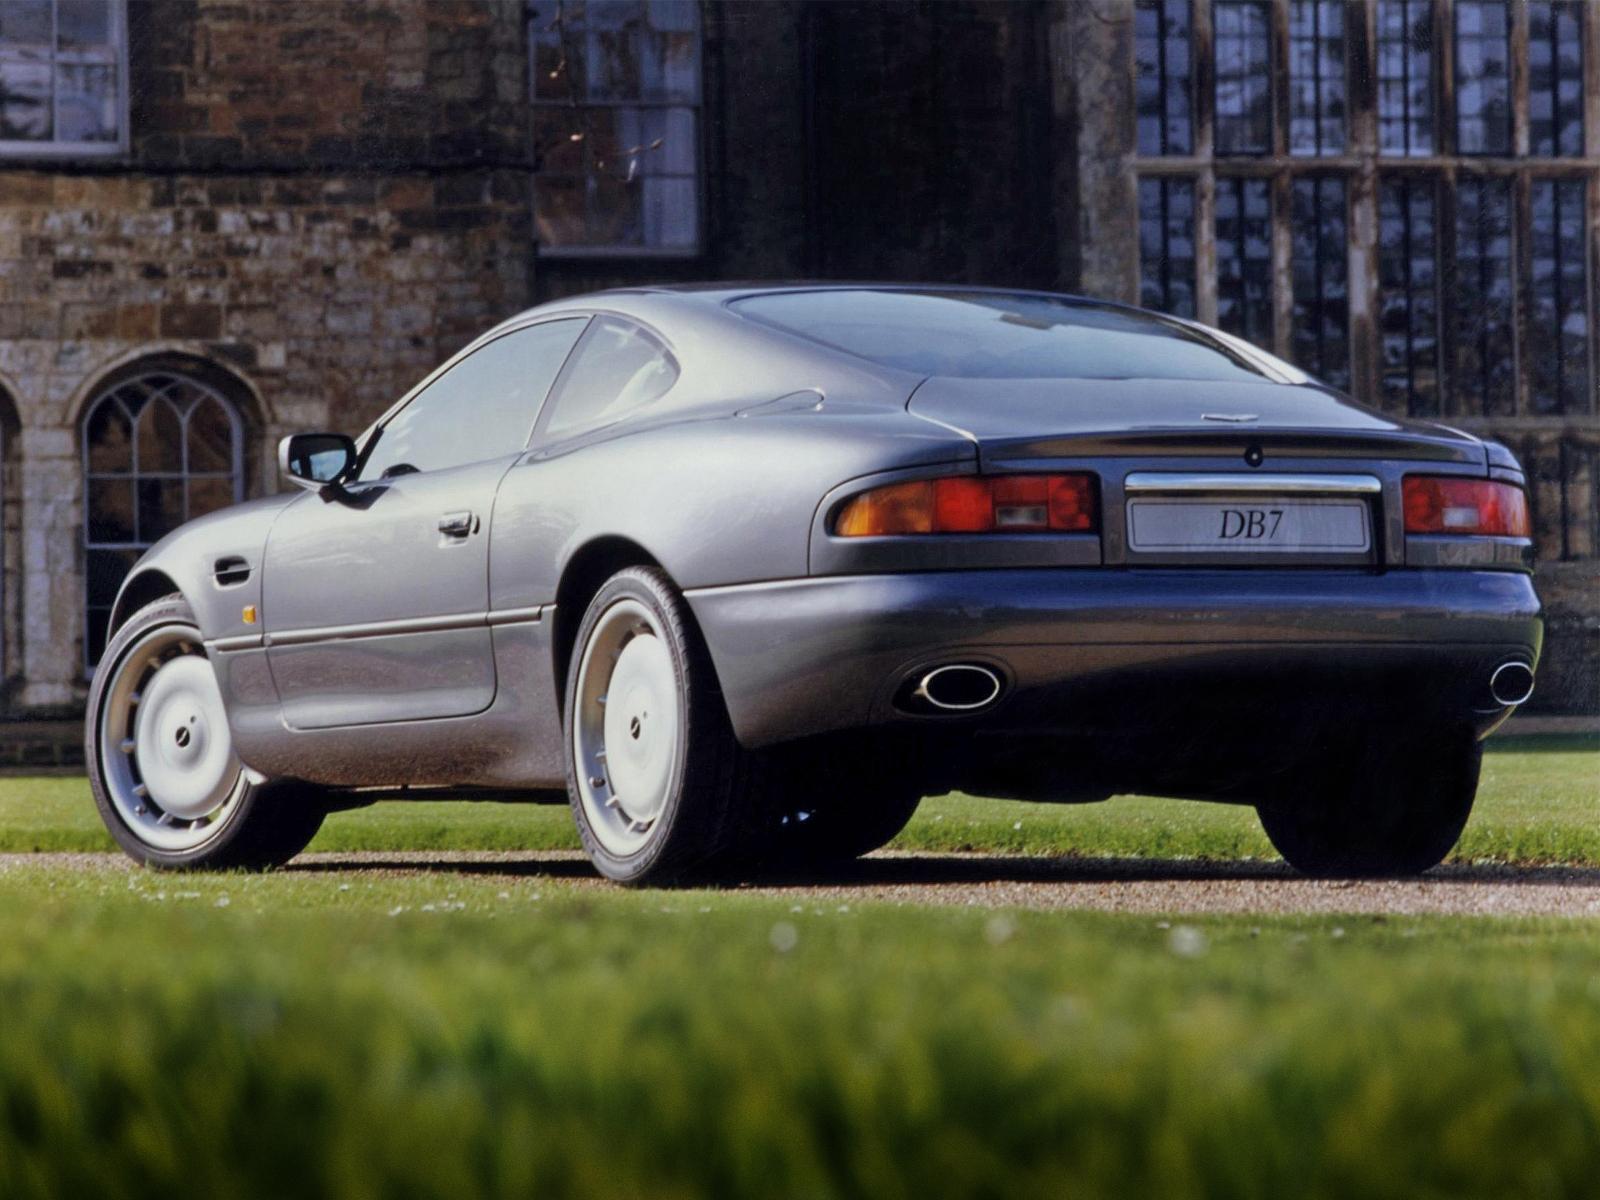 la pasión por el automóvil - passion for cars: aston martin db7 (1994)